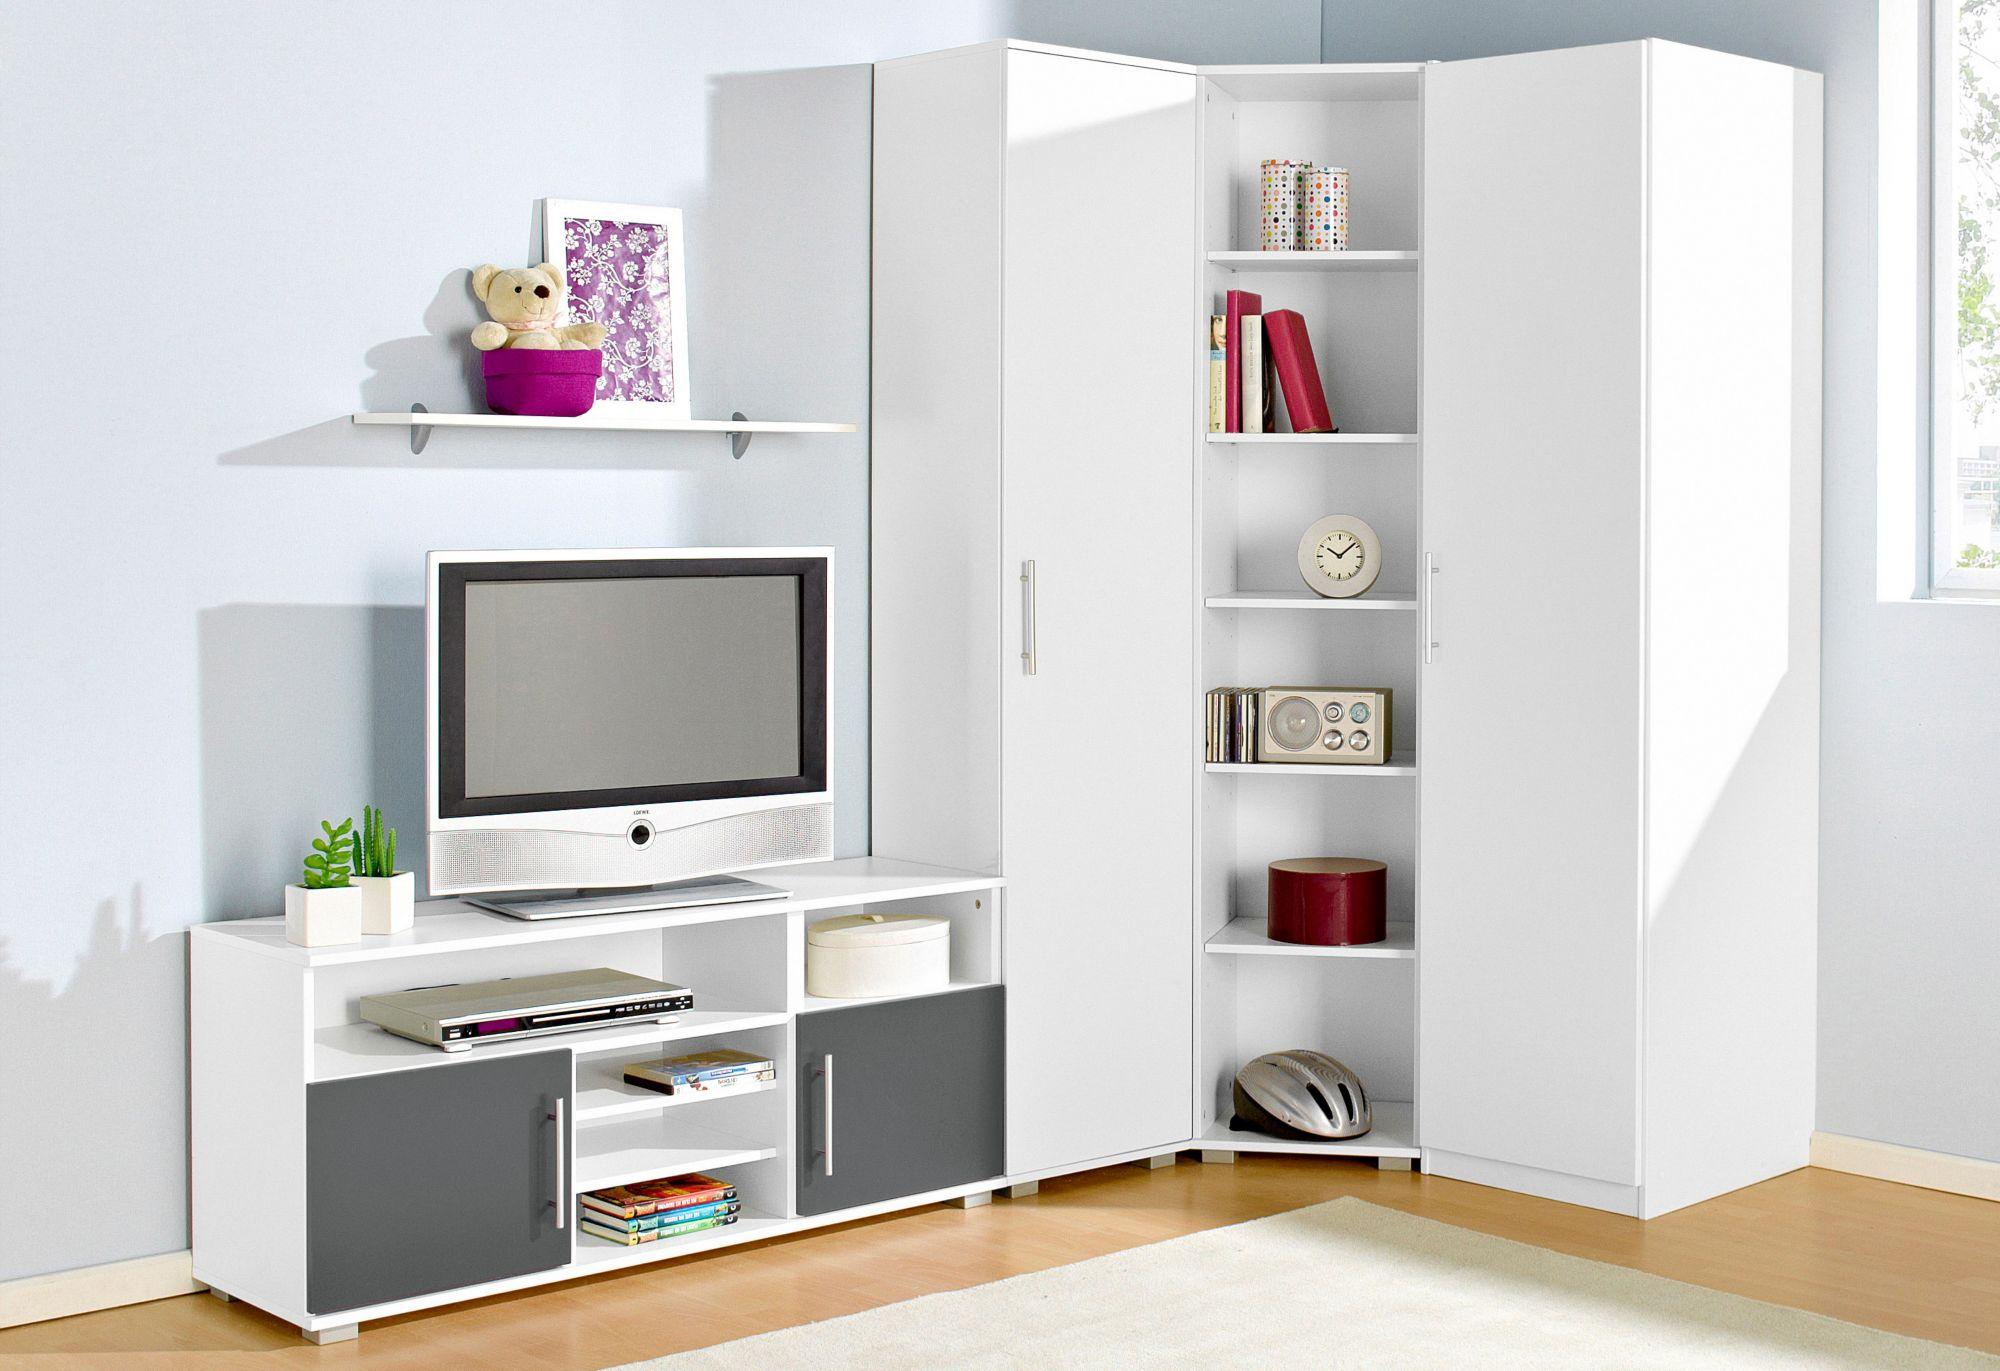 Kleiderschrank g nstig online kaufen beim schwab versand for Jugendzimmer steffi saegerauh 7 tlg